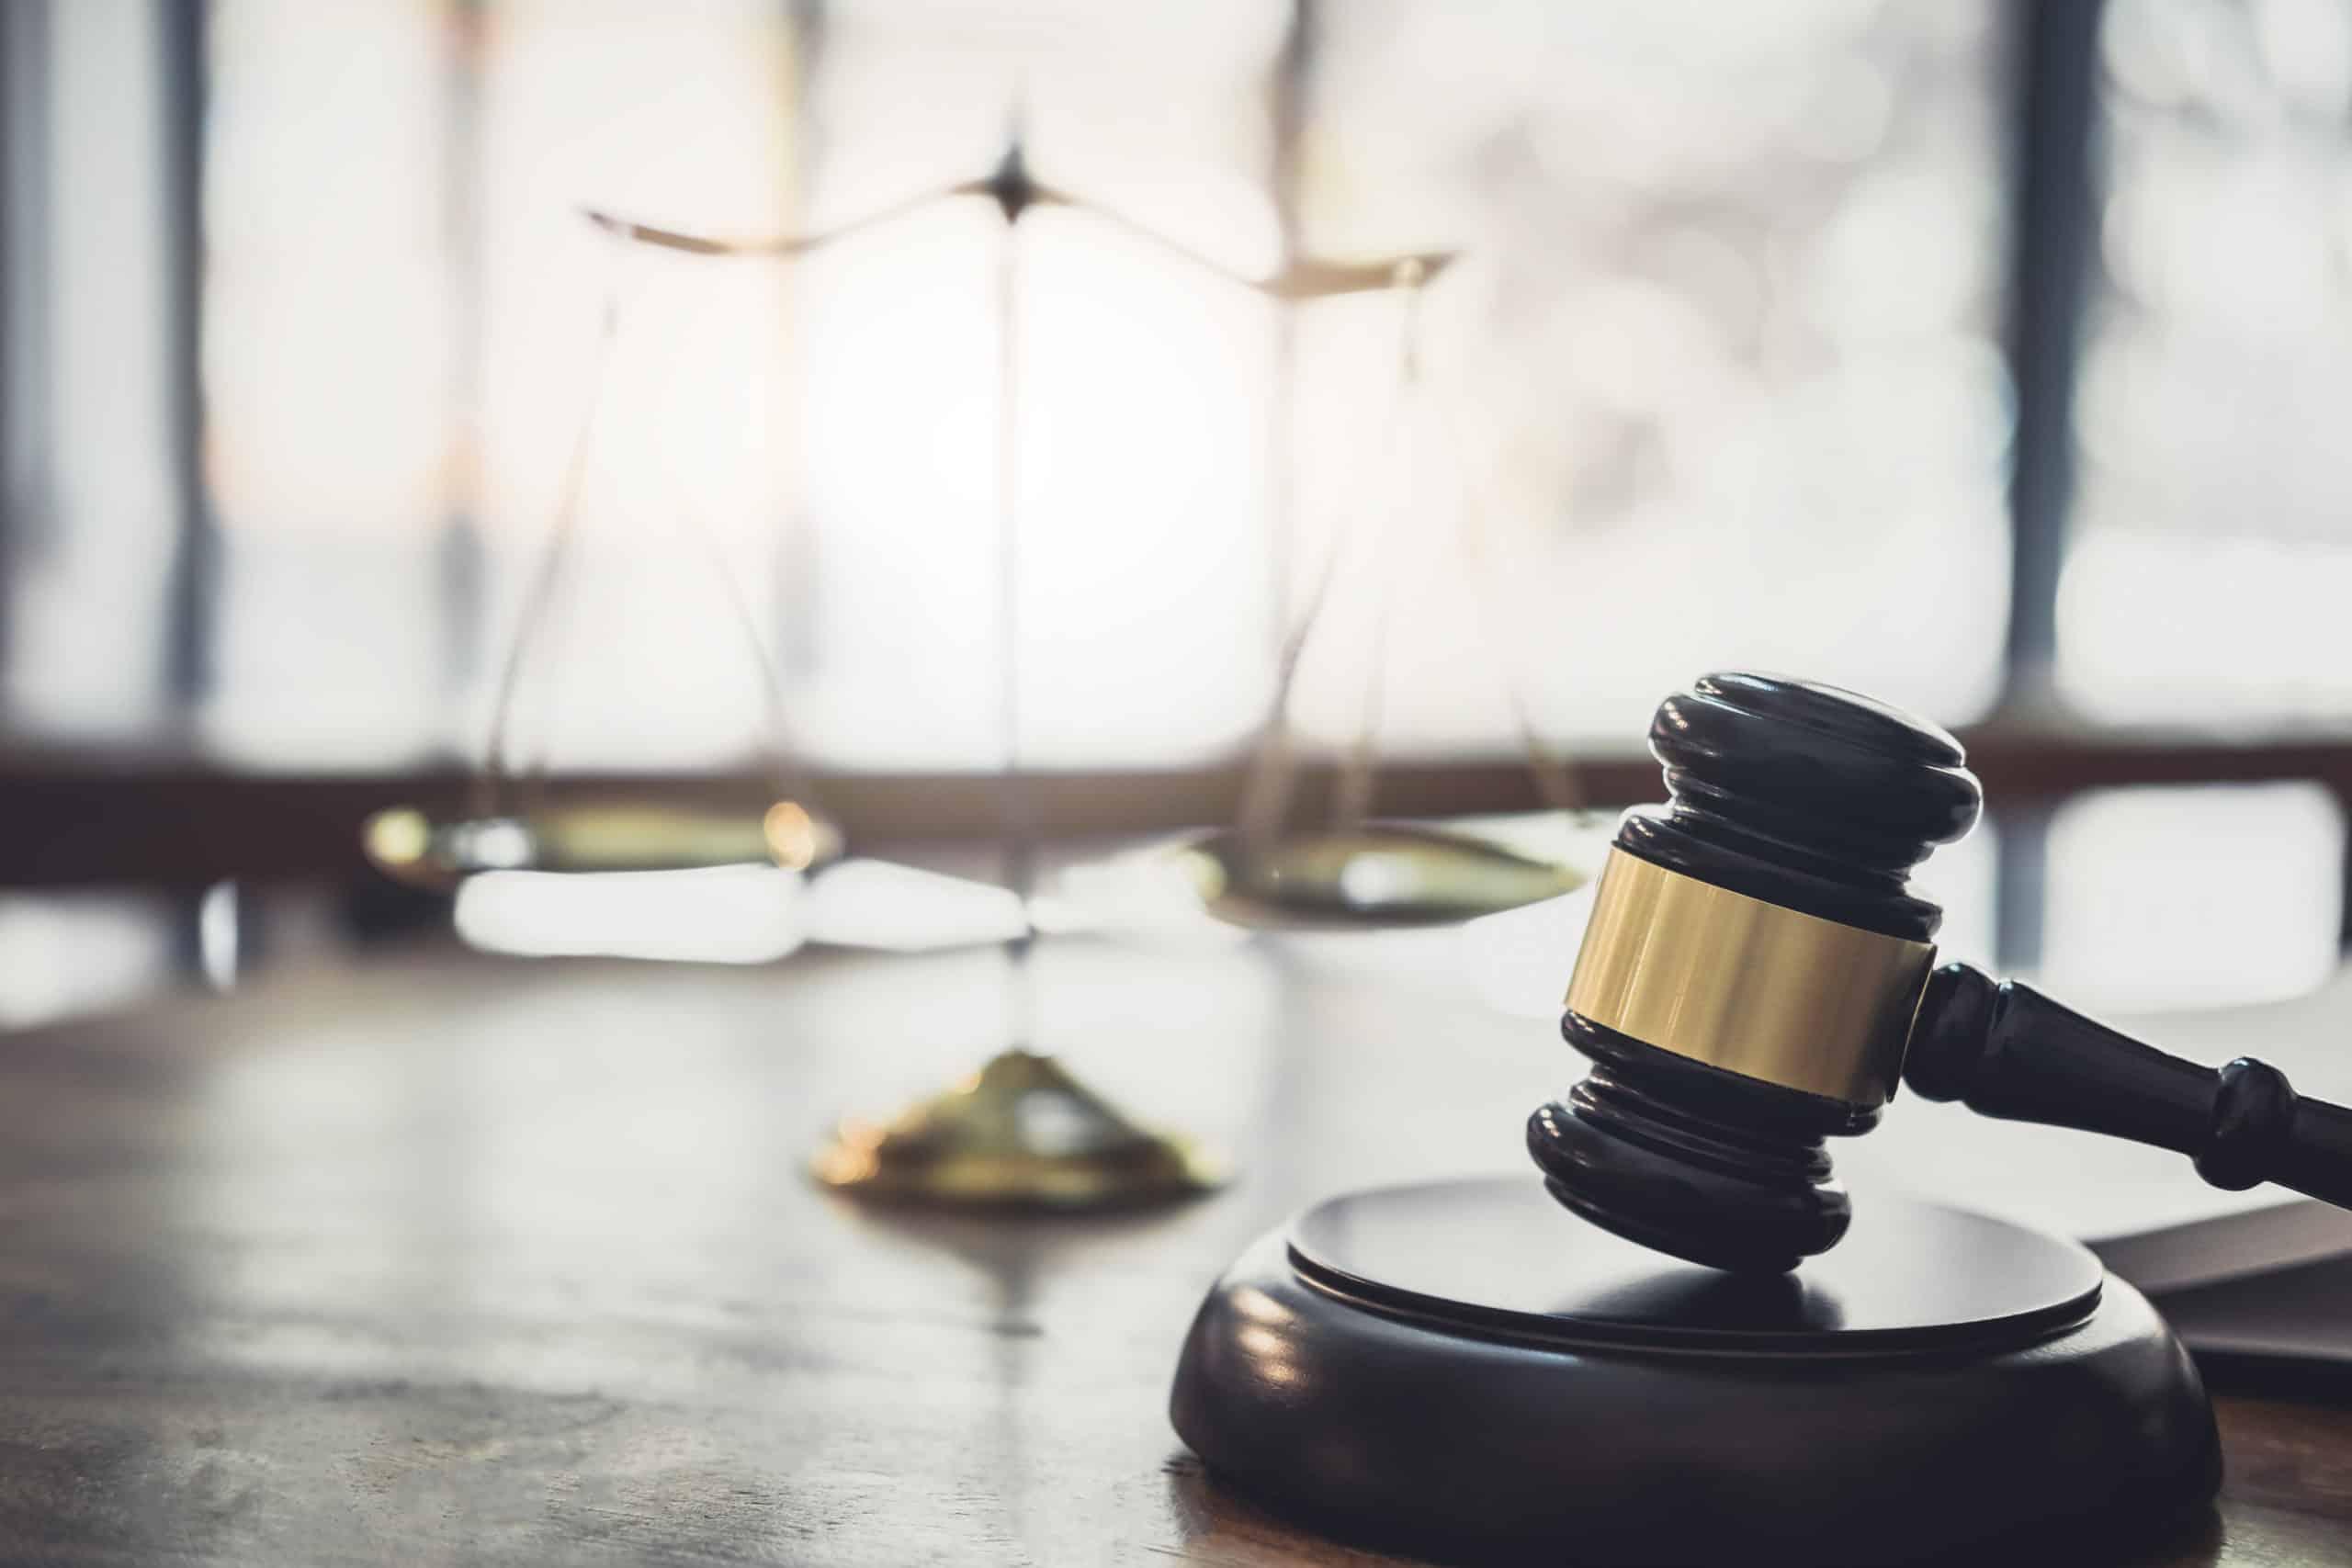 Martelo e simbolo do direito, presentes em um escritório de advocacia